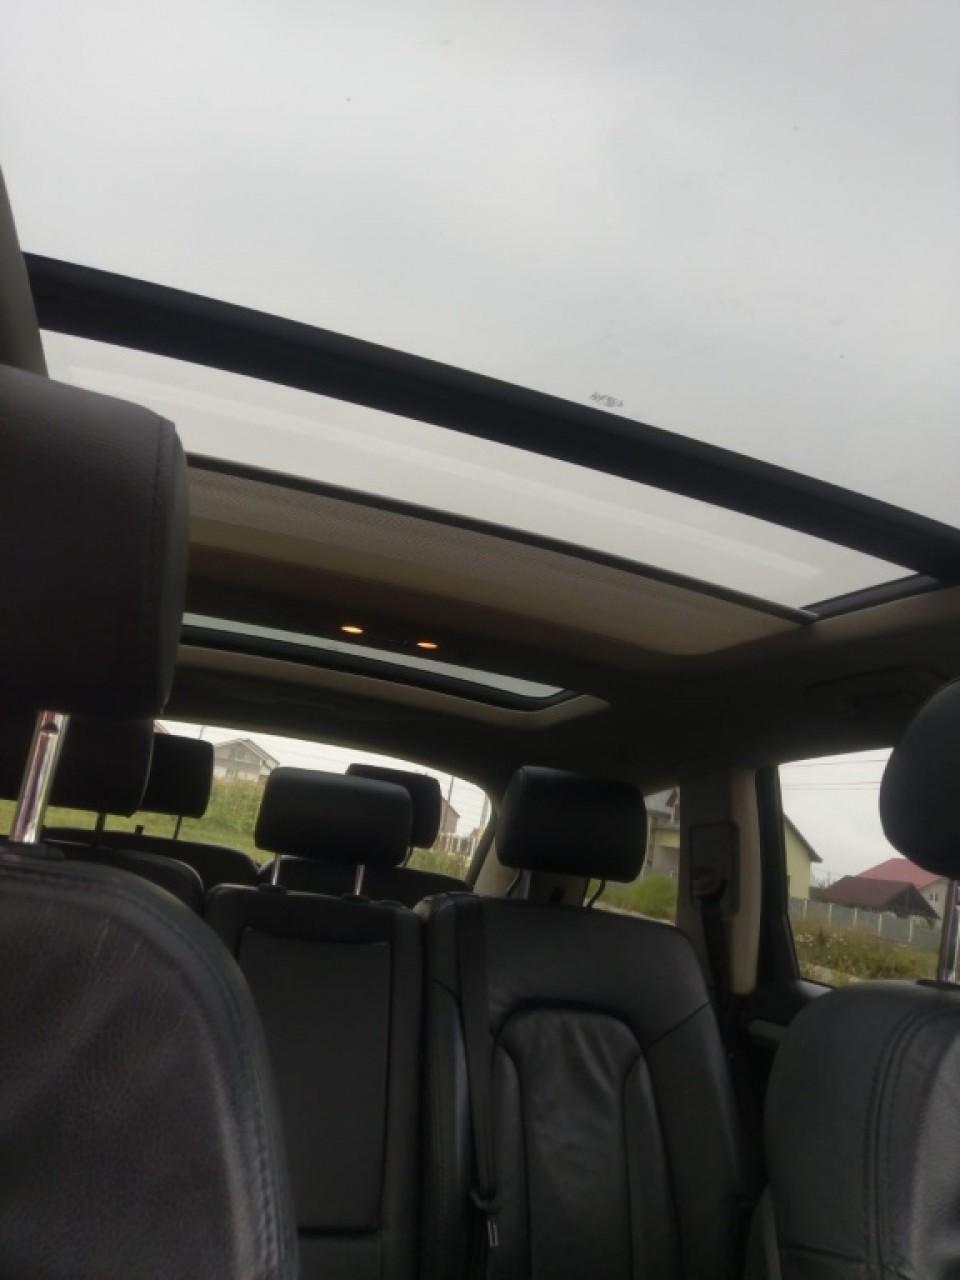 Plafon interior Audi Q7 2006 SUV 3.0tdi